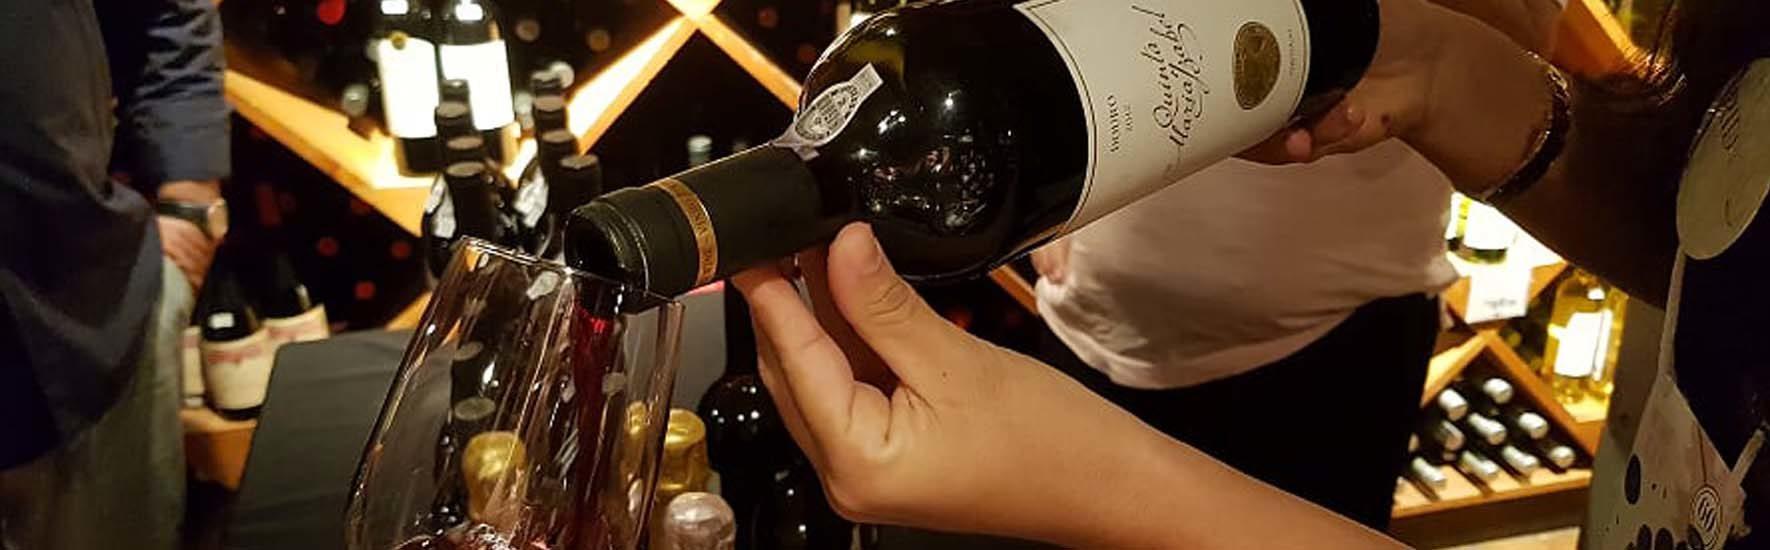 Wine Day Casa dos frios Sexta edição